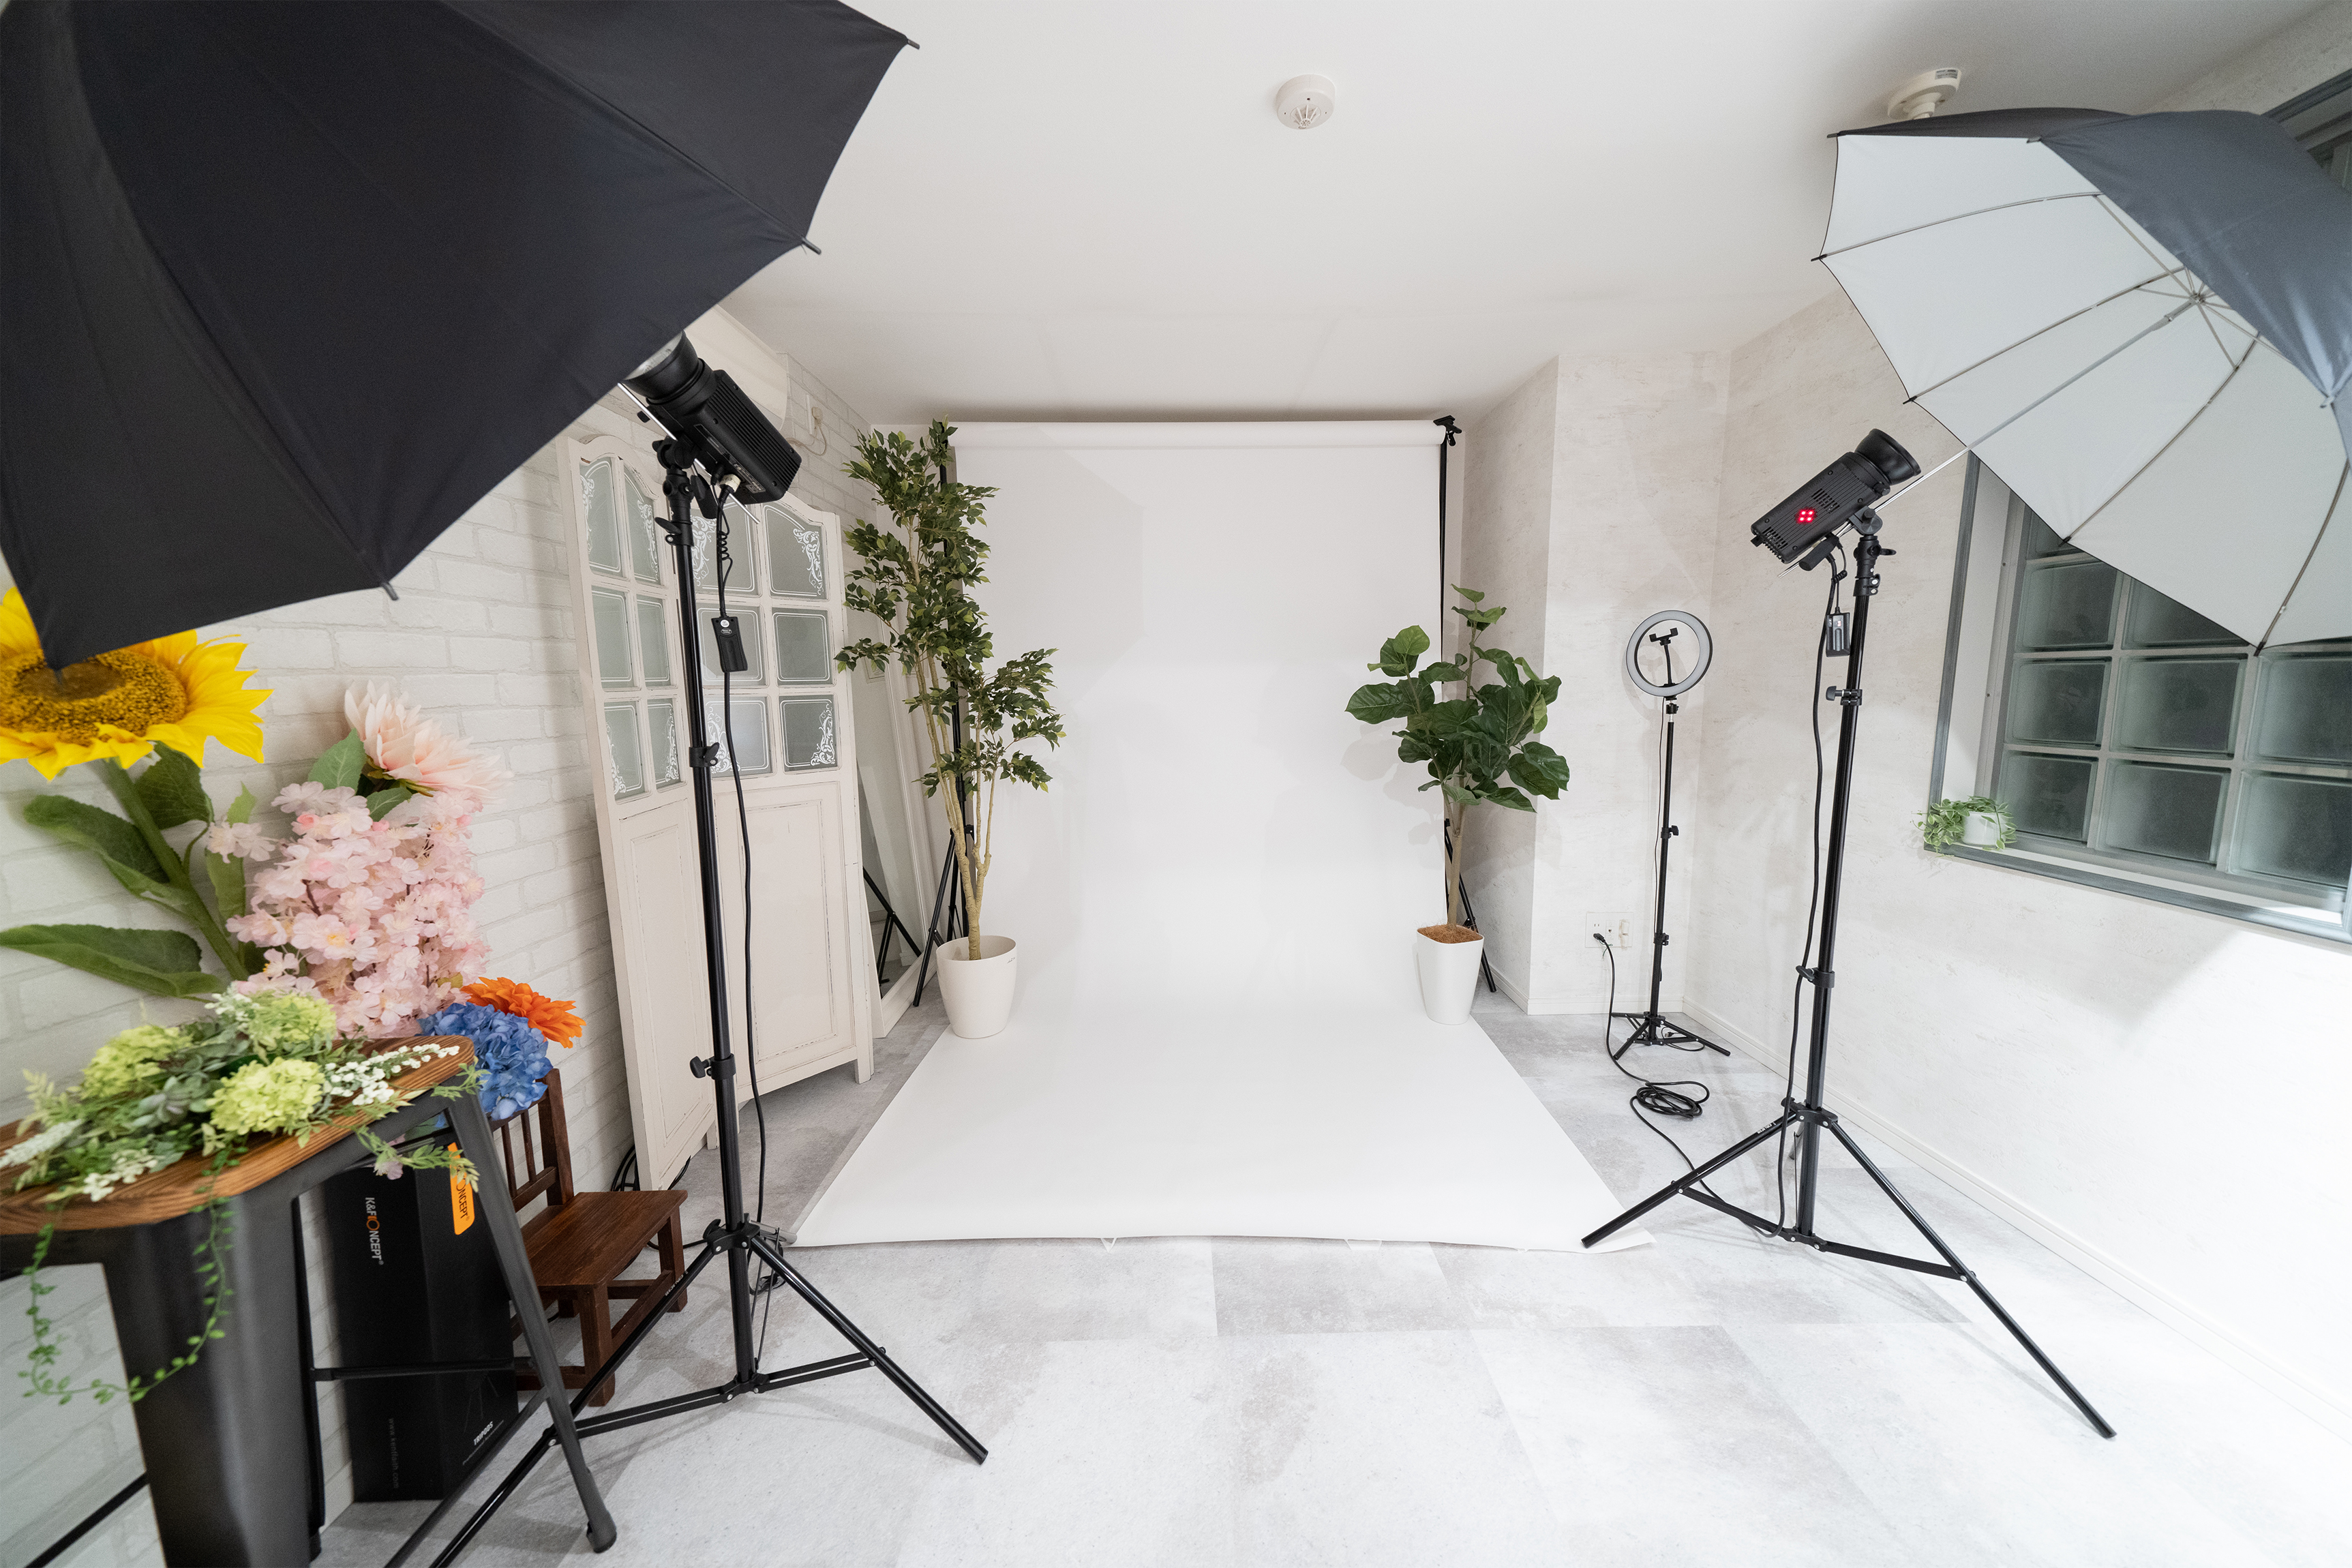 コーディネート写真スタジオGinza 701 studioがオープンしました!